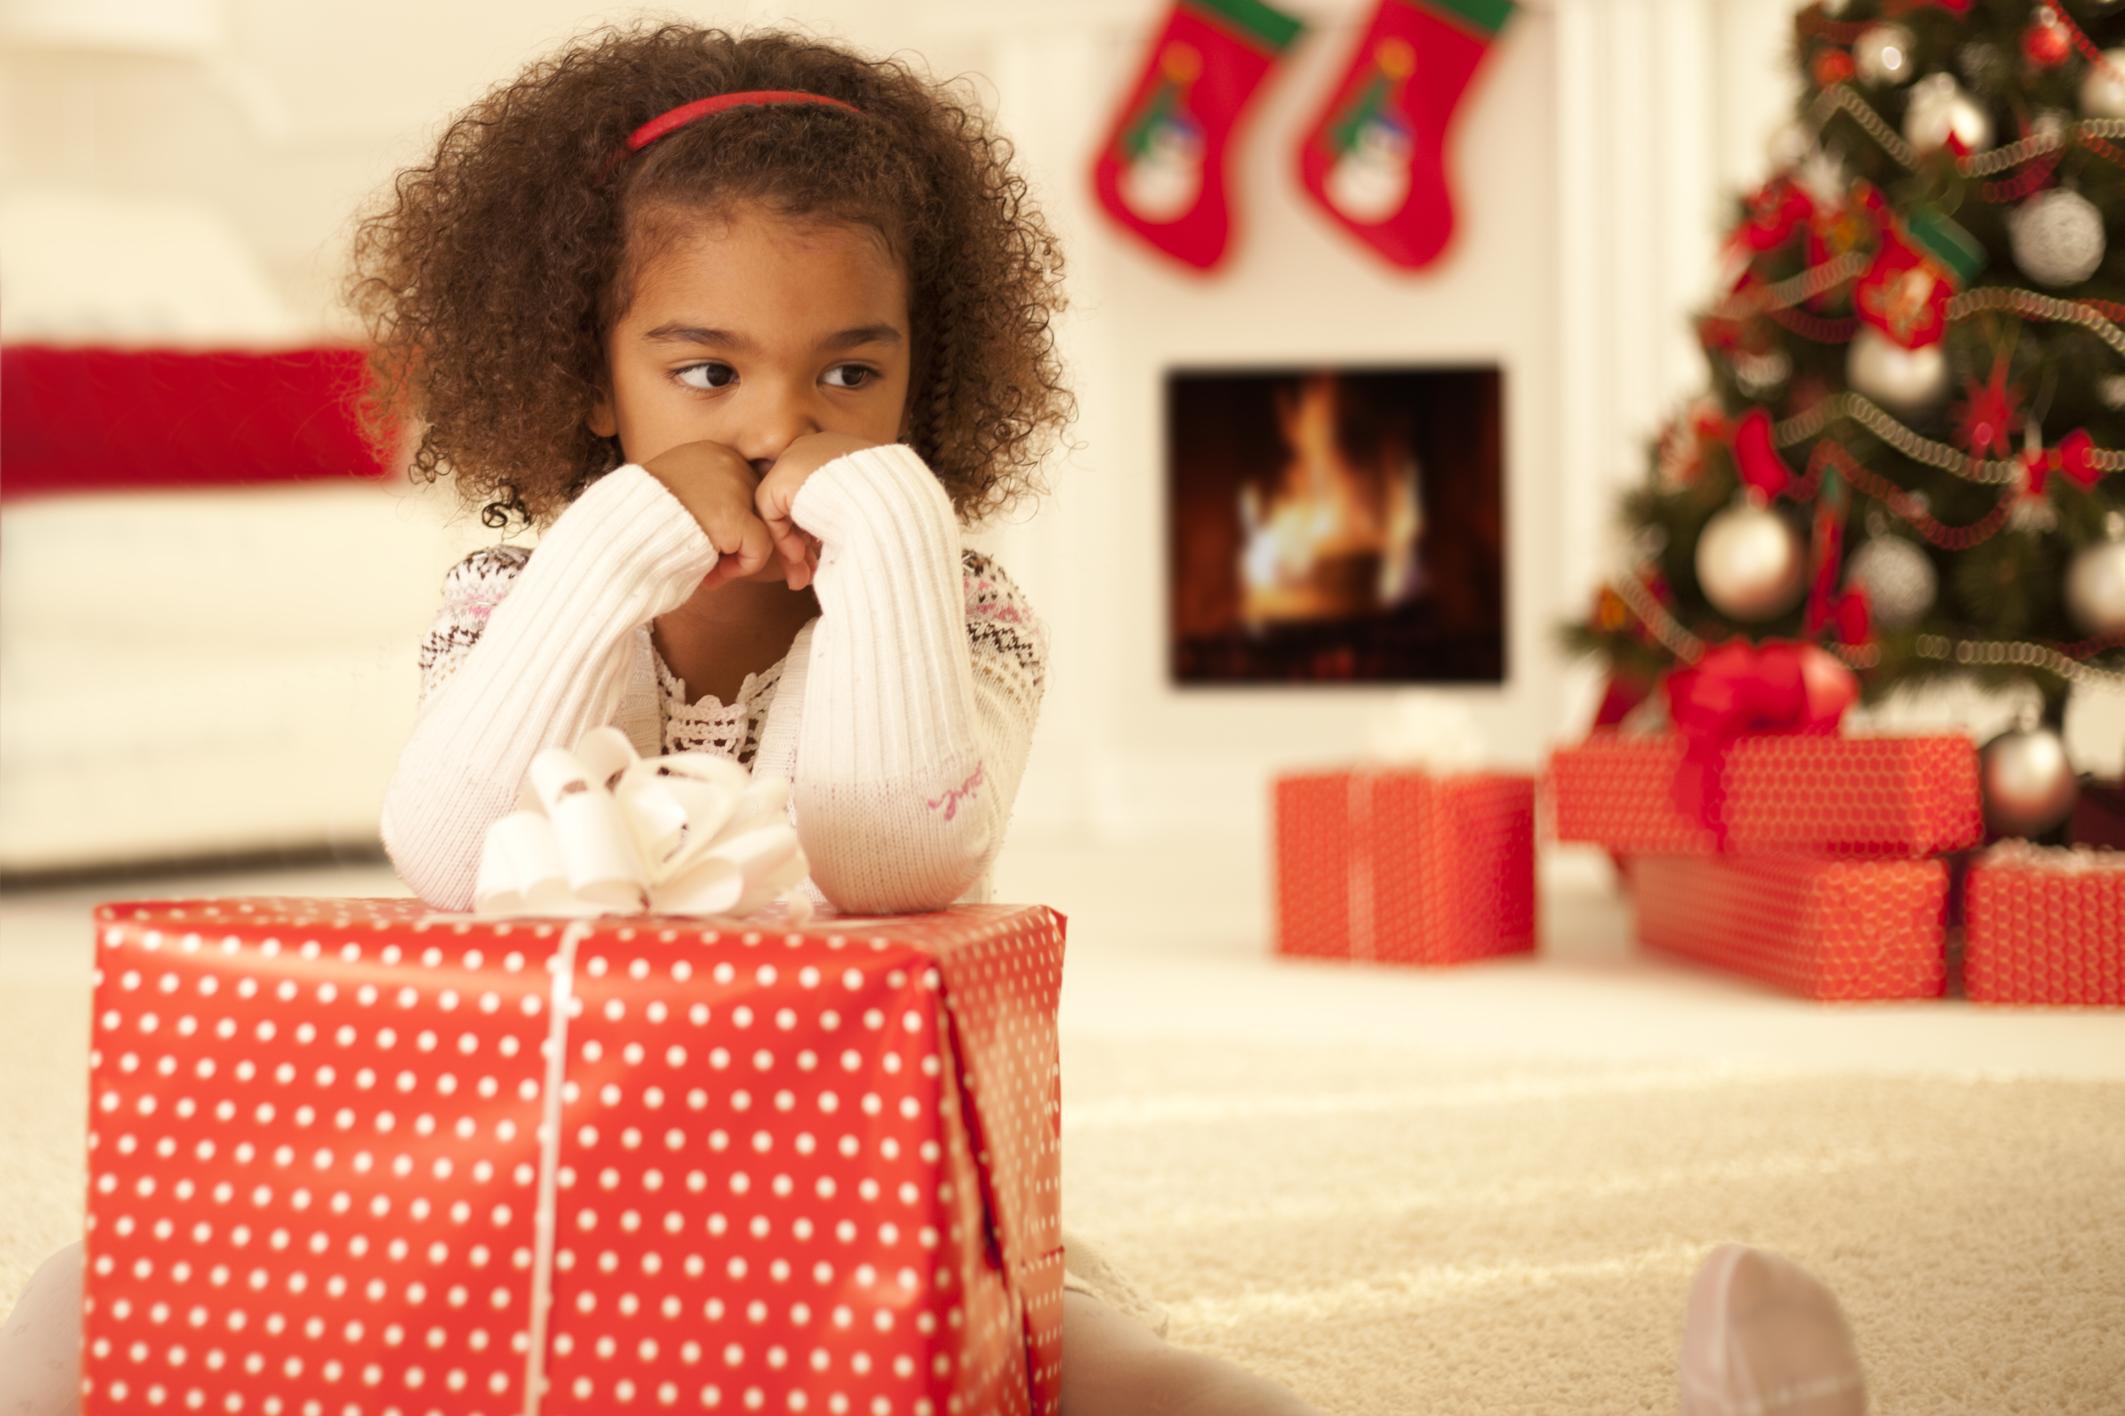 Sad little girl with Christmas present